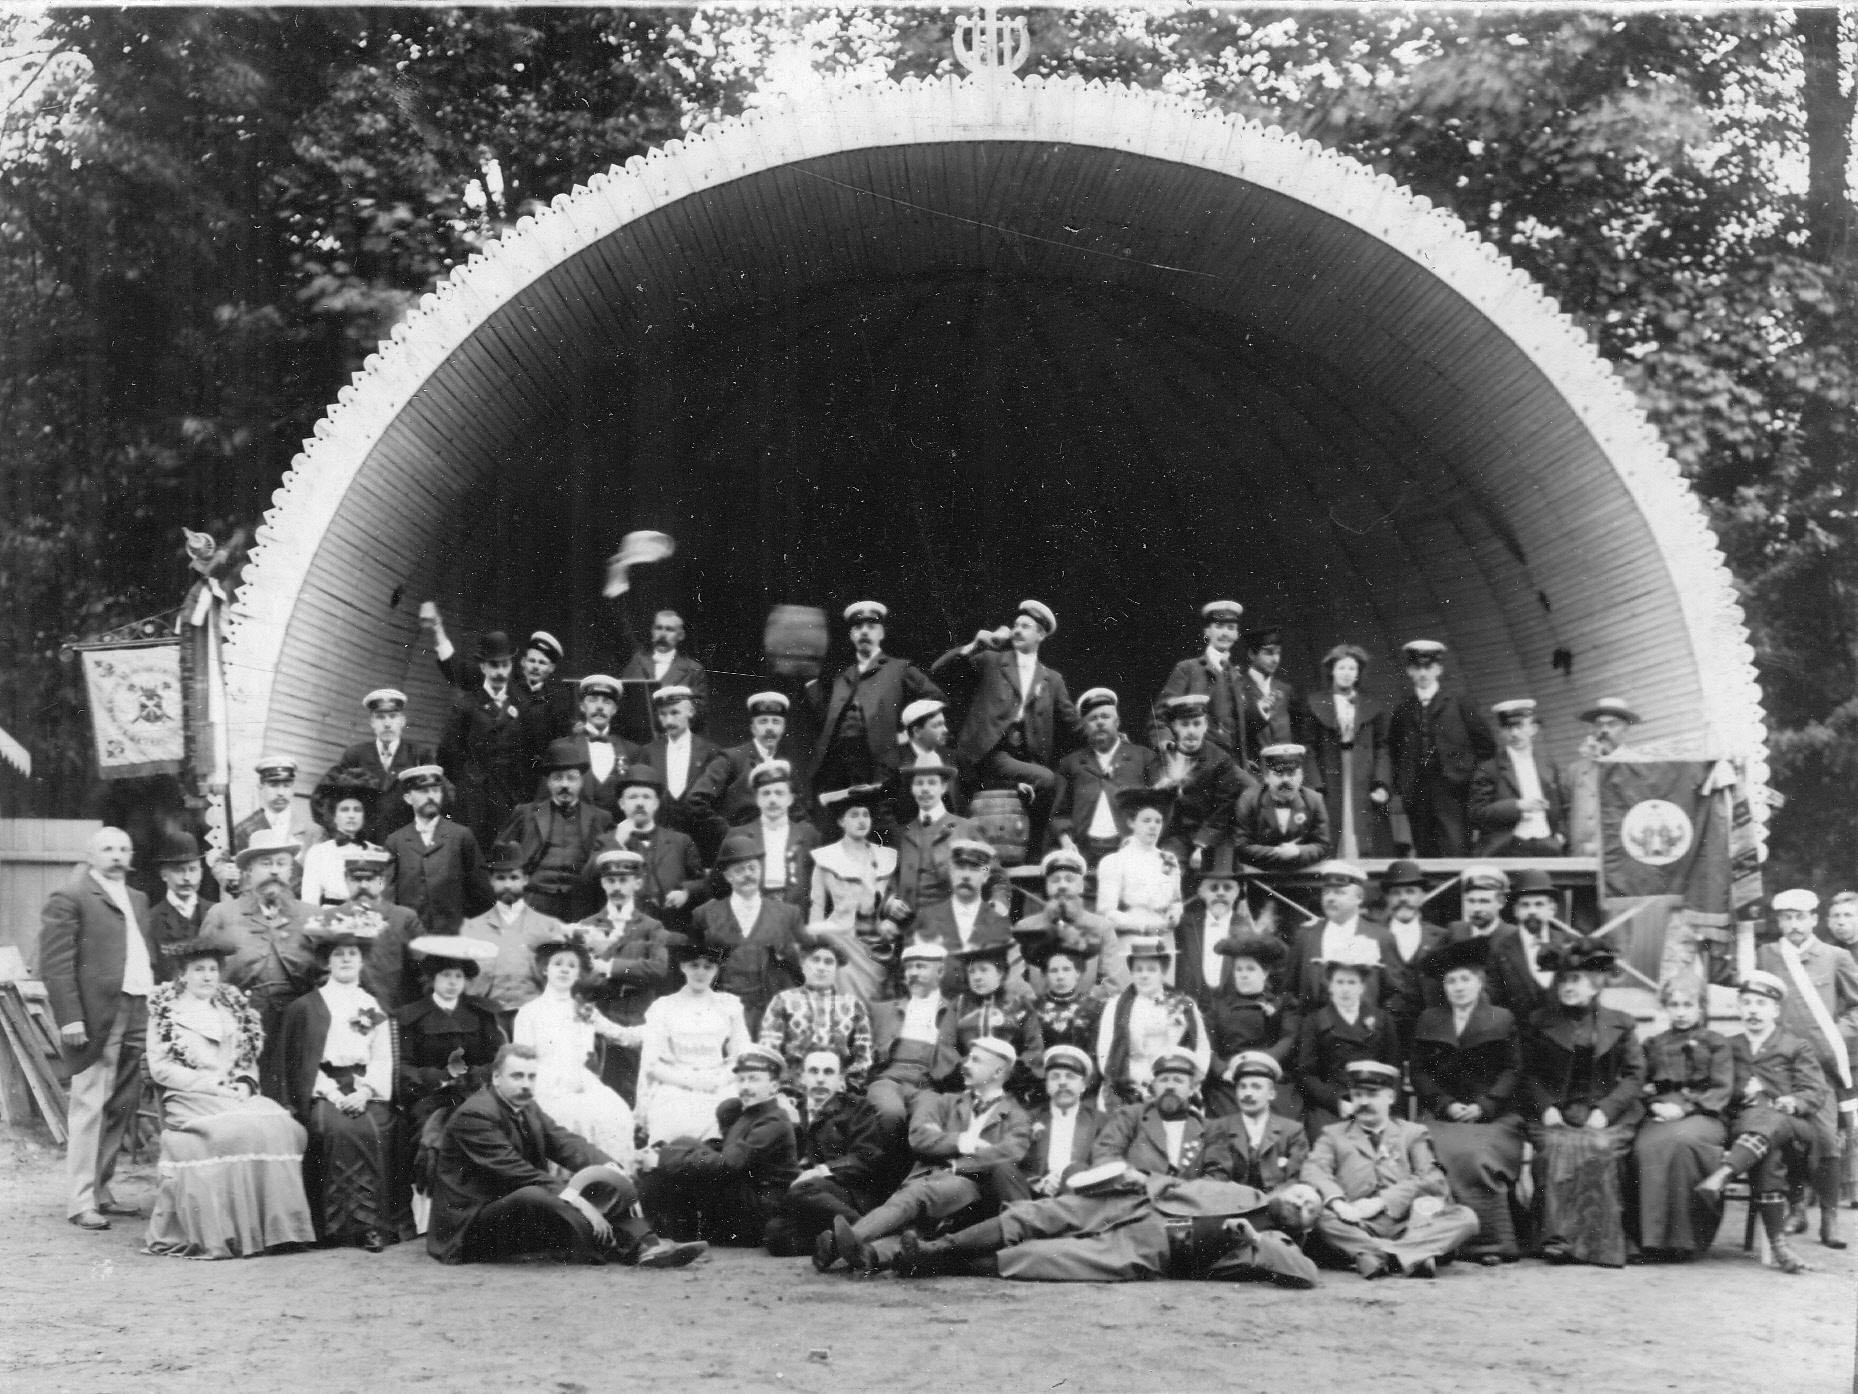 Группа членов общества у открытой эстрады